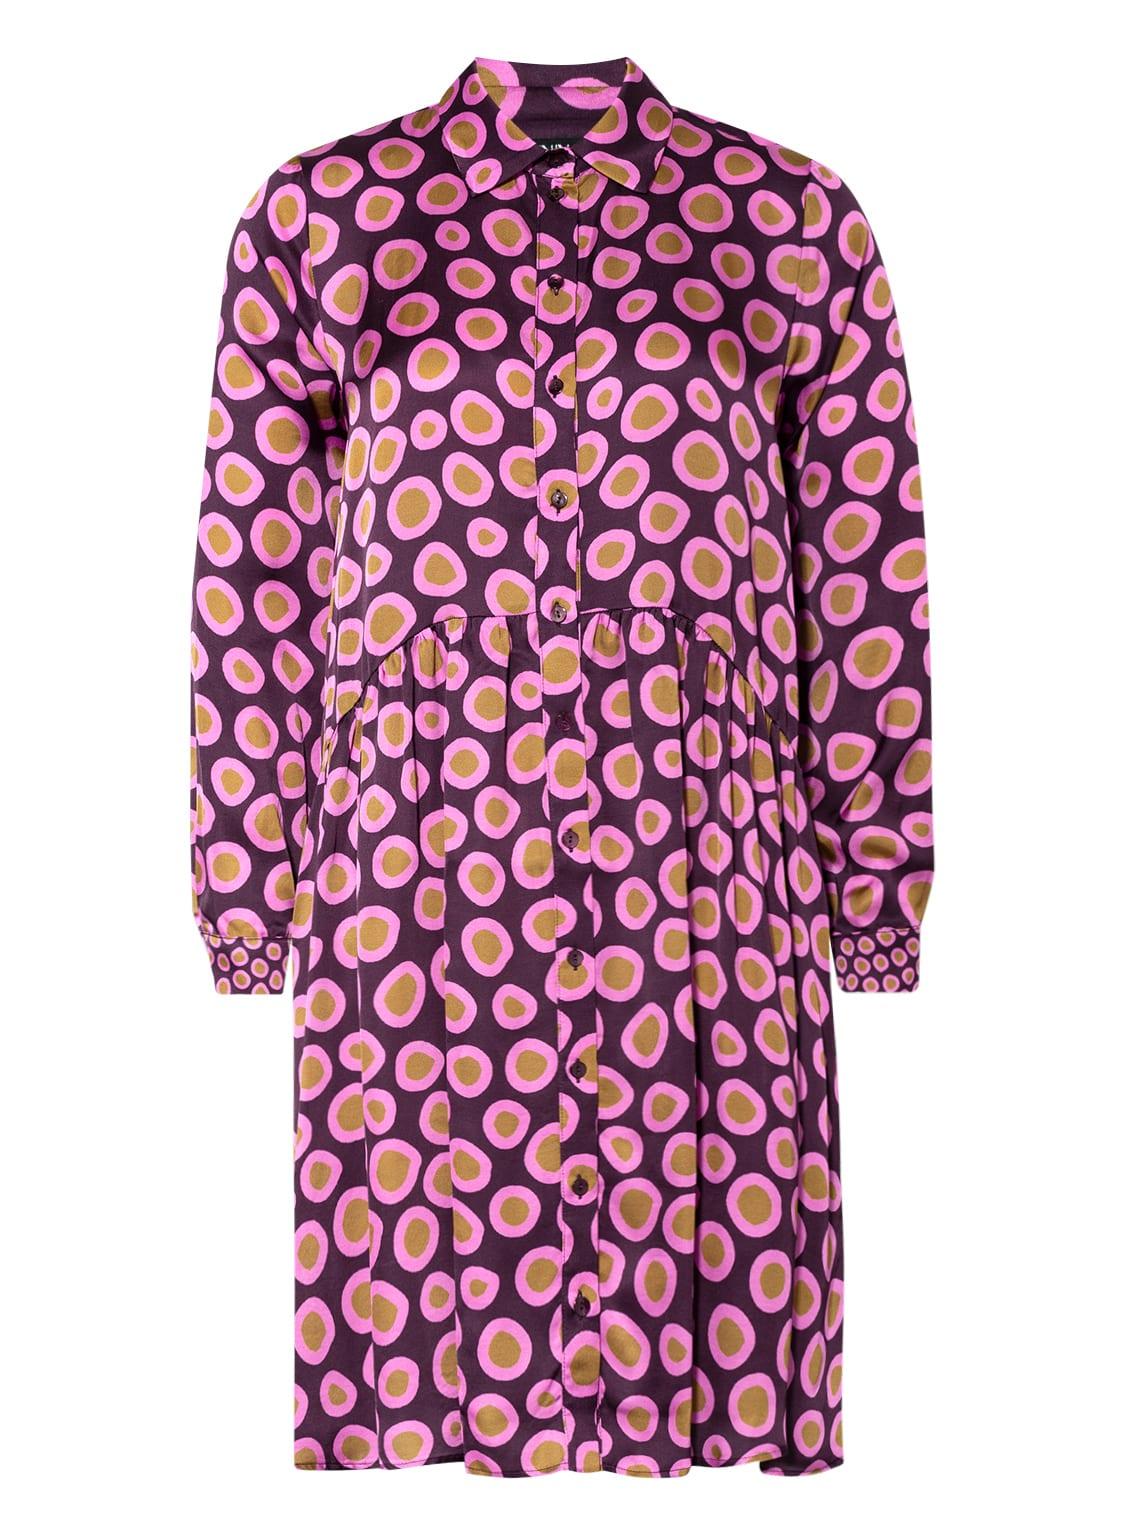 Image of Anna's Hemdblusenkleid pink